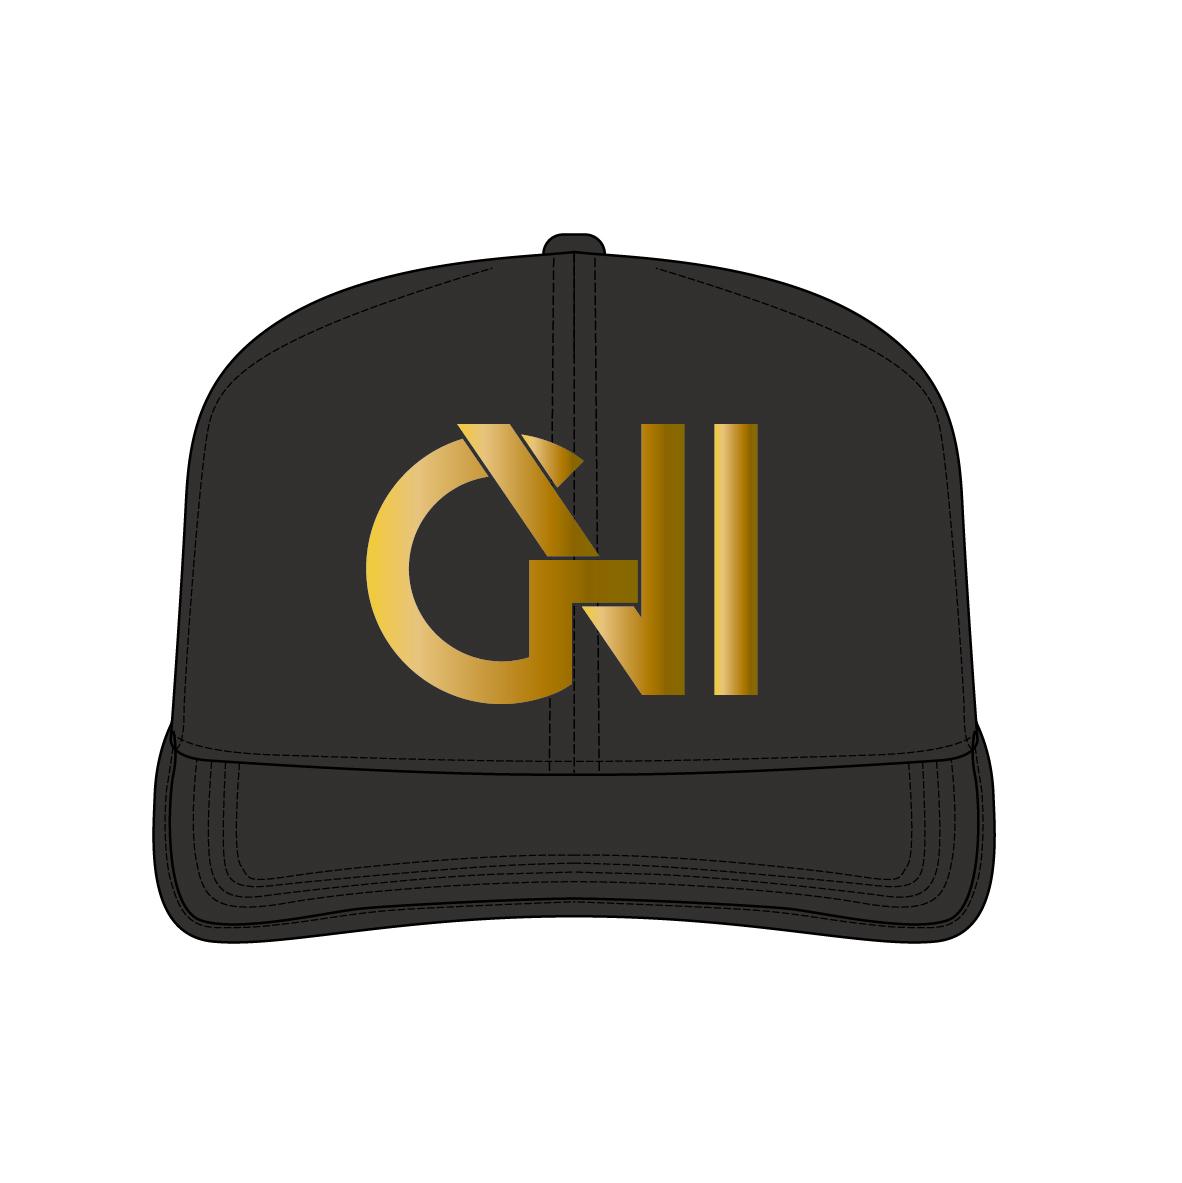 GVI CAP [GOLD LOGO]